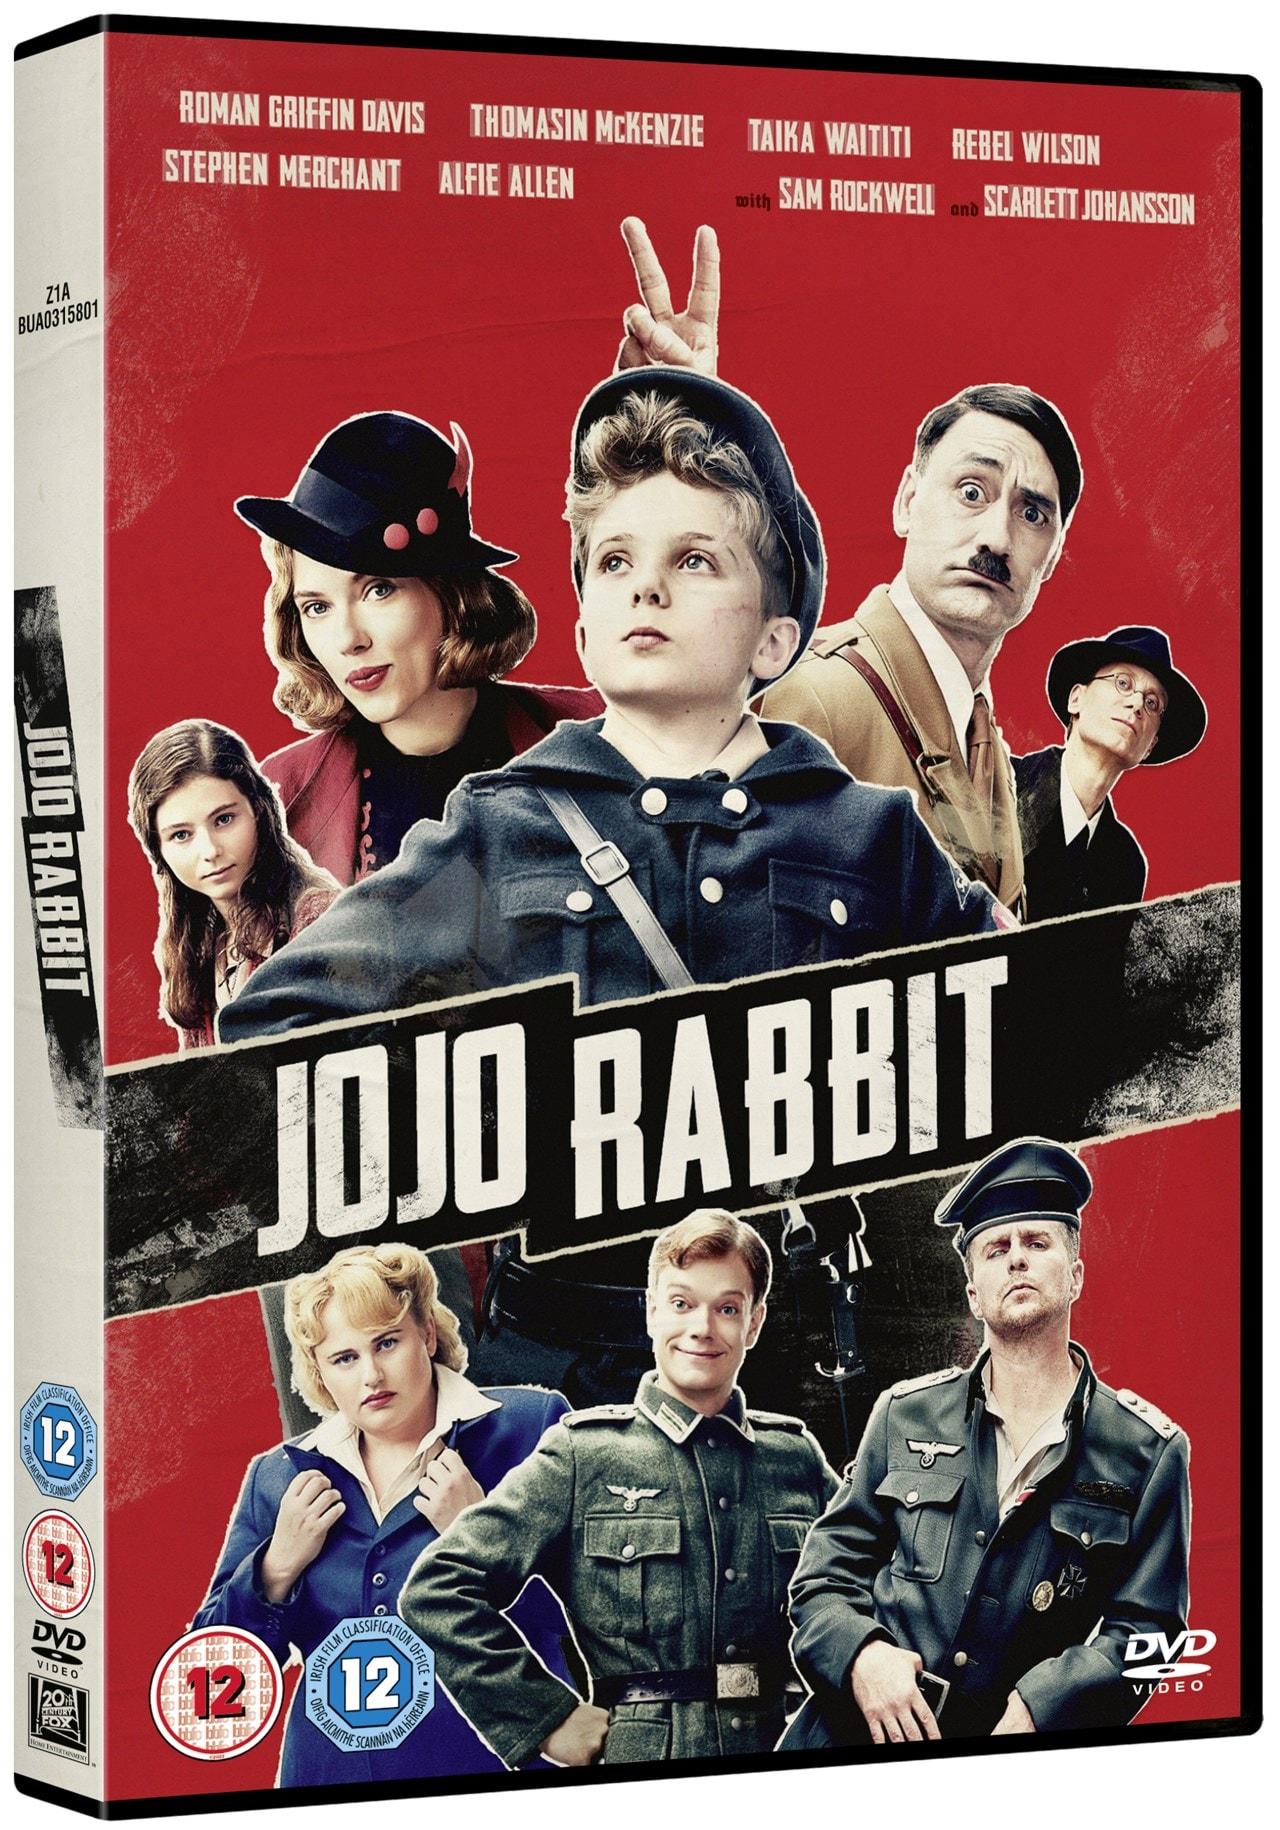 Jojo Rabbit - 2